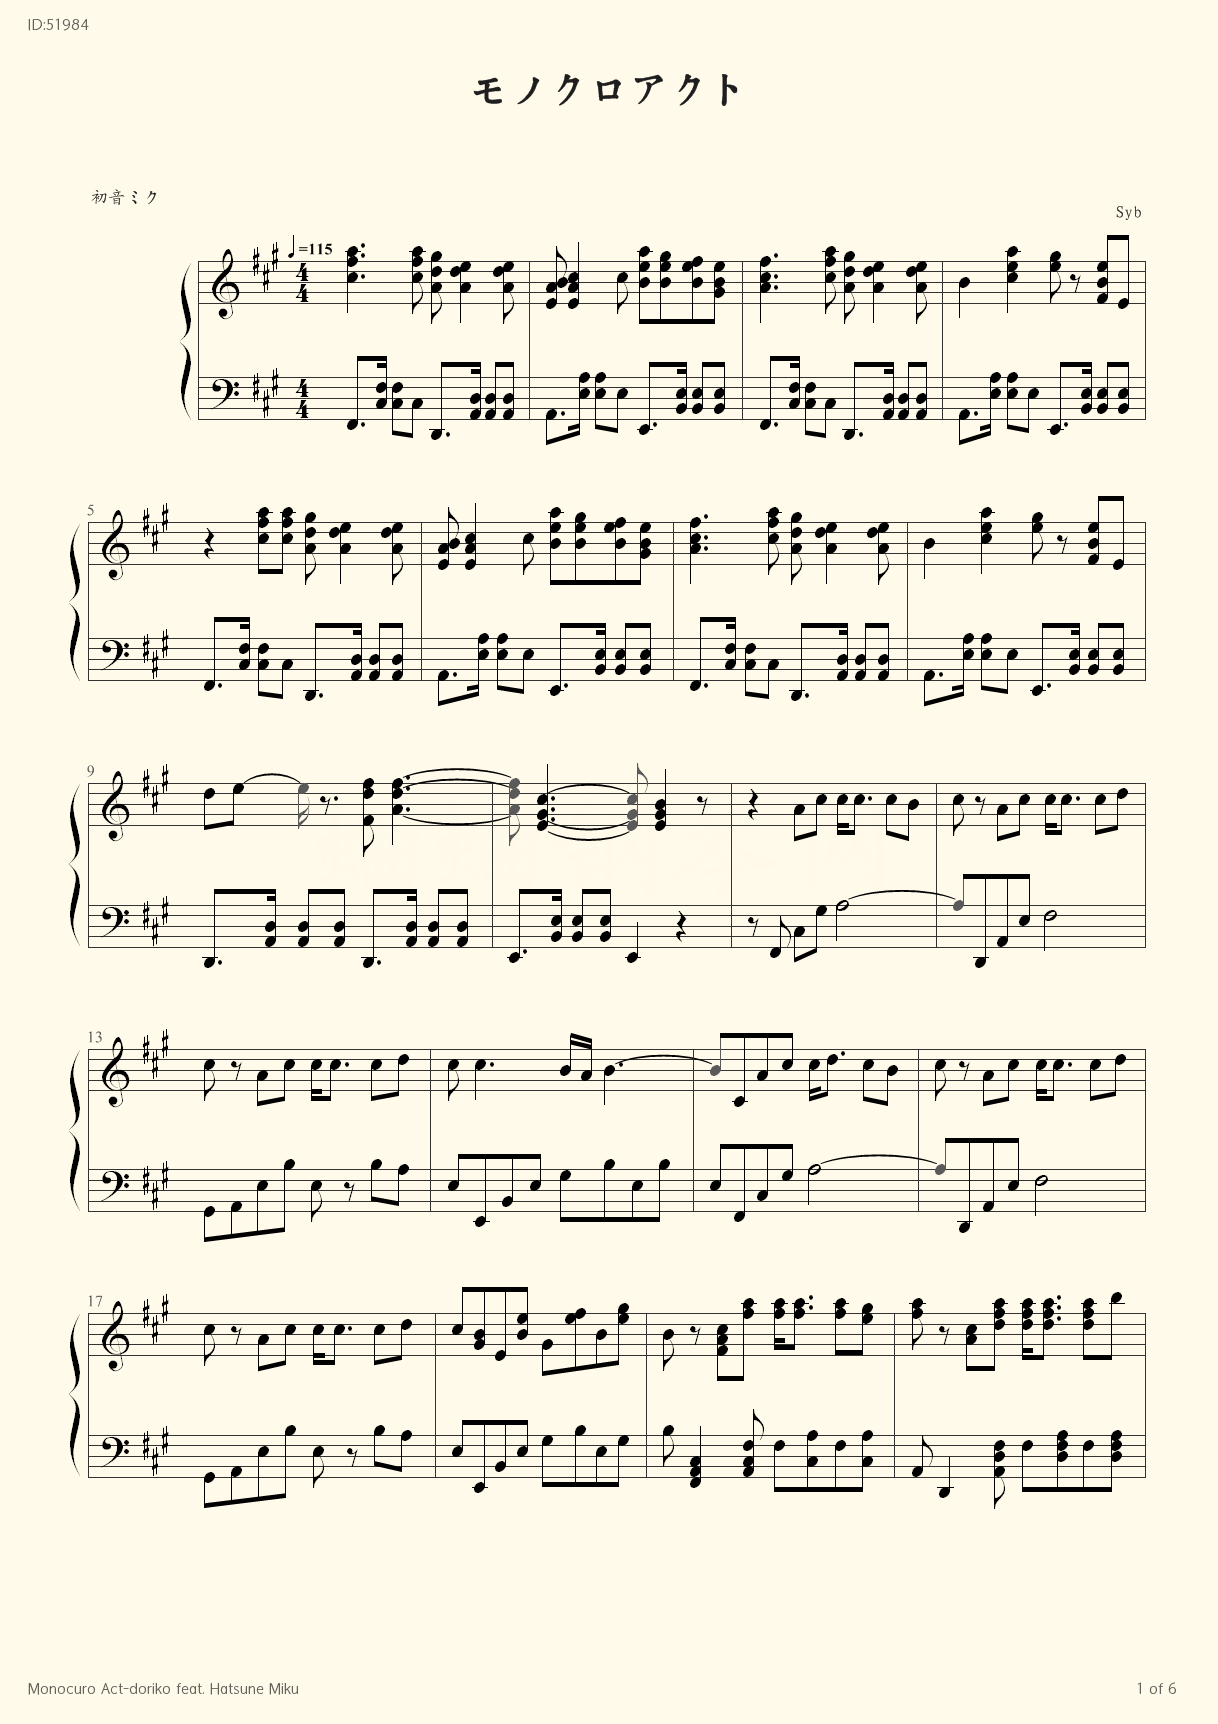 Monocuro Act doriko feat Hatsune Miku - doriko feat Hatsune Miku - first page